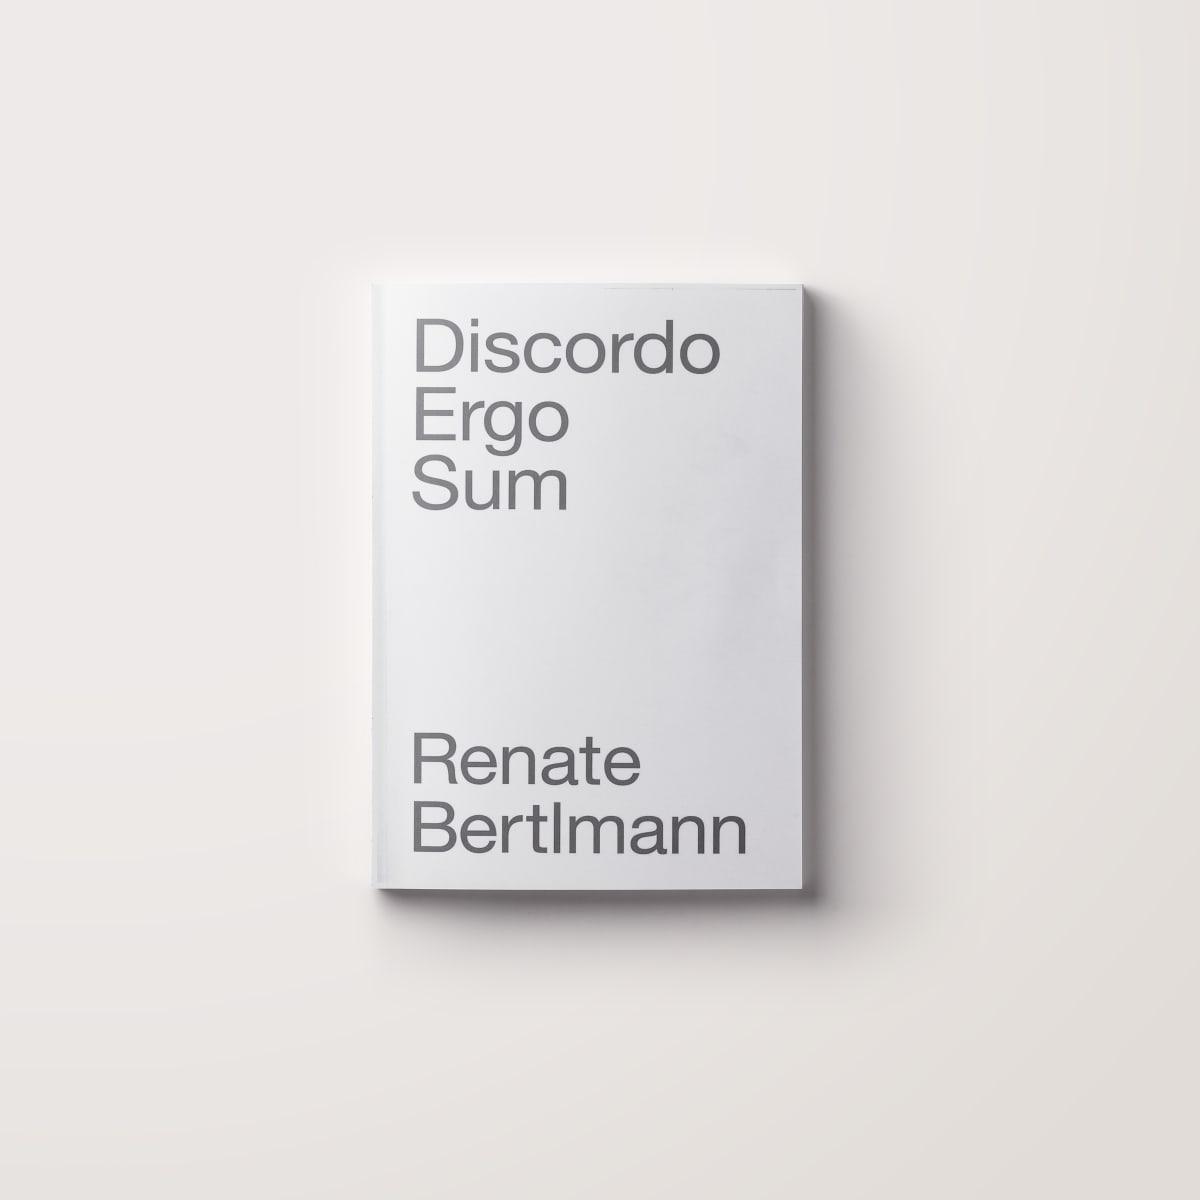 Renate Bertlmann: Discordo Ergo Sum